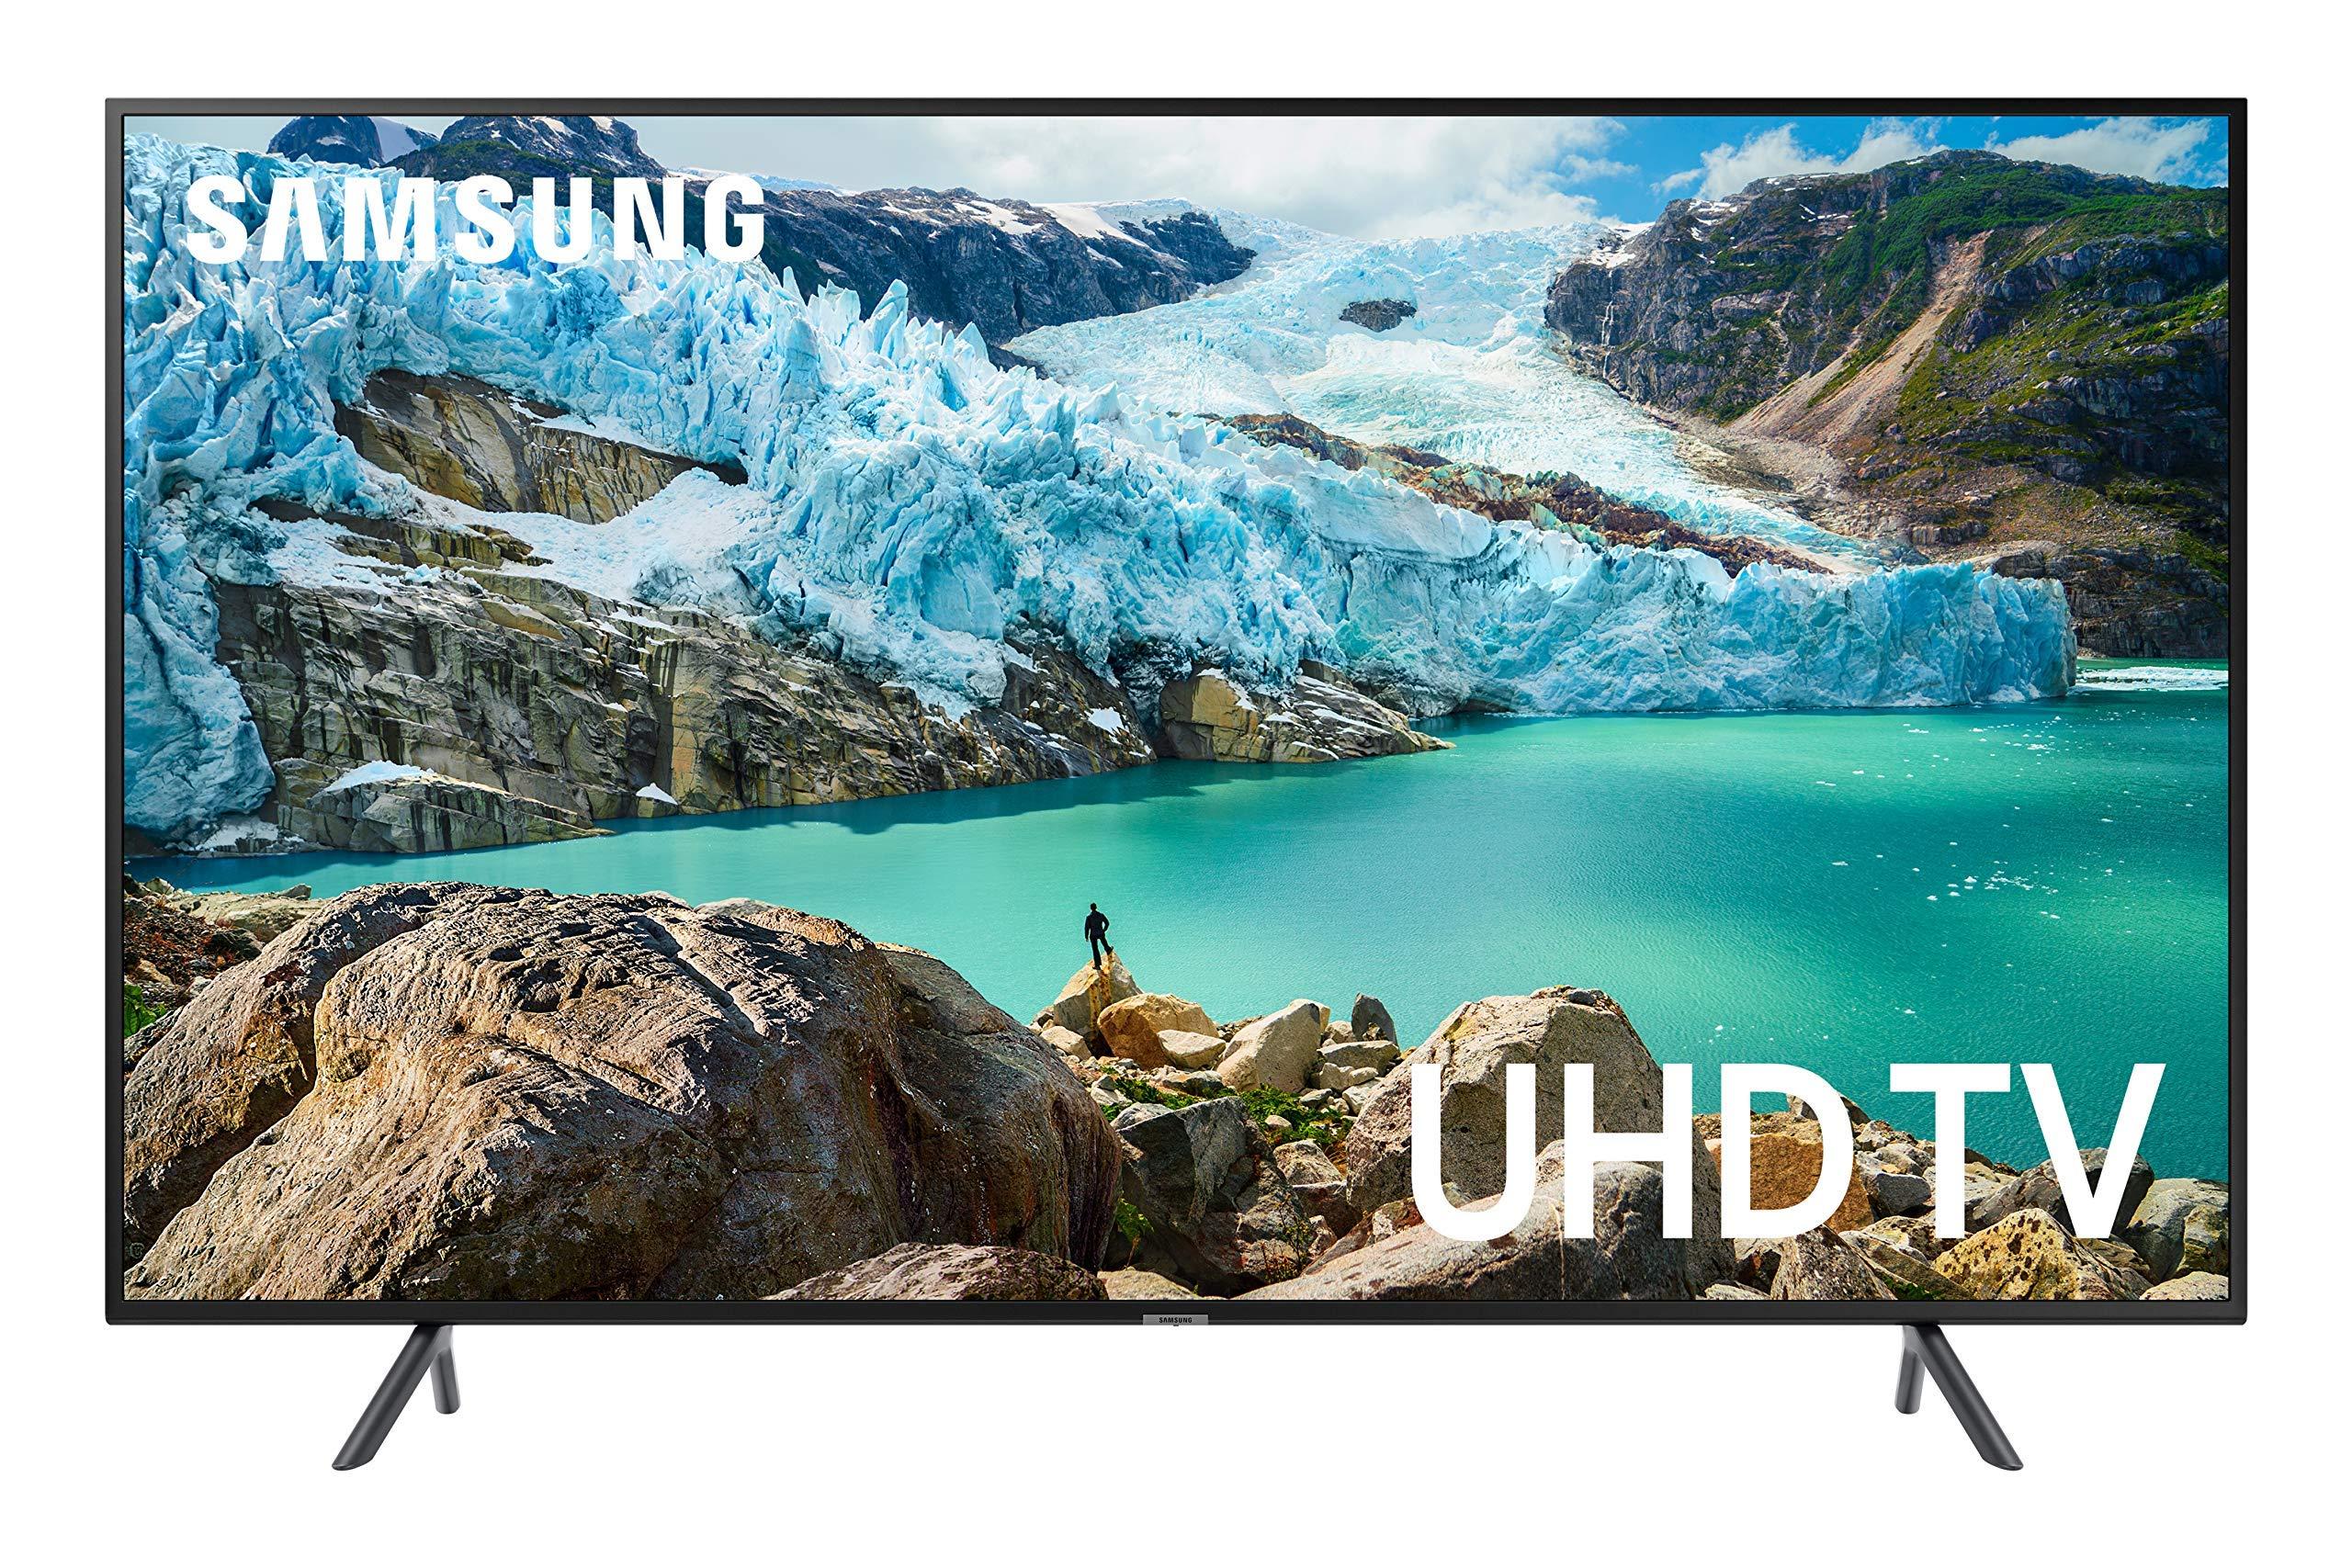 Samsung UN43RU7100FXZA FLAT 43'' 4K UHD 7 Series Smart TV (2019) (Renewed)